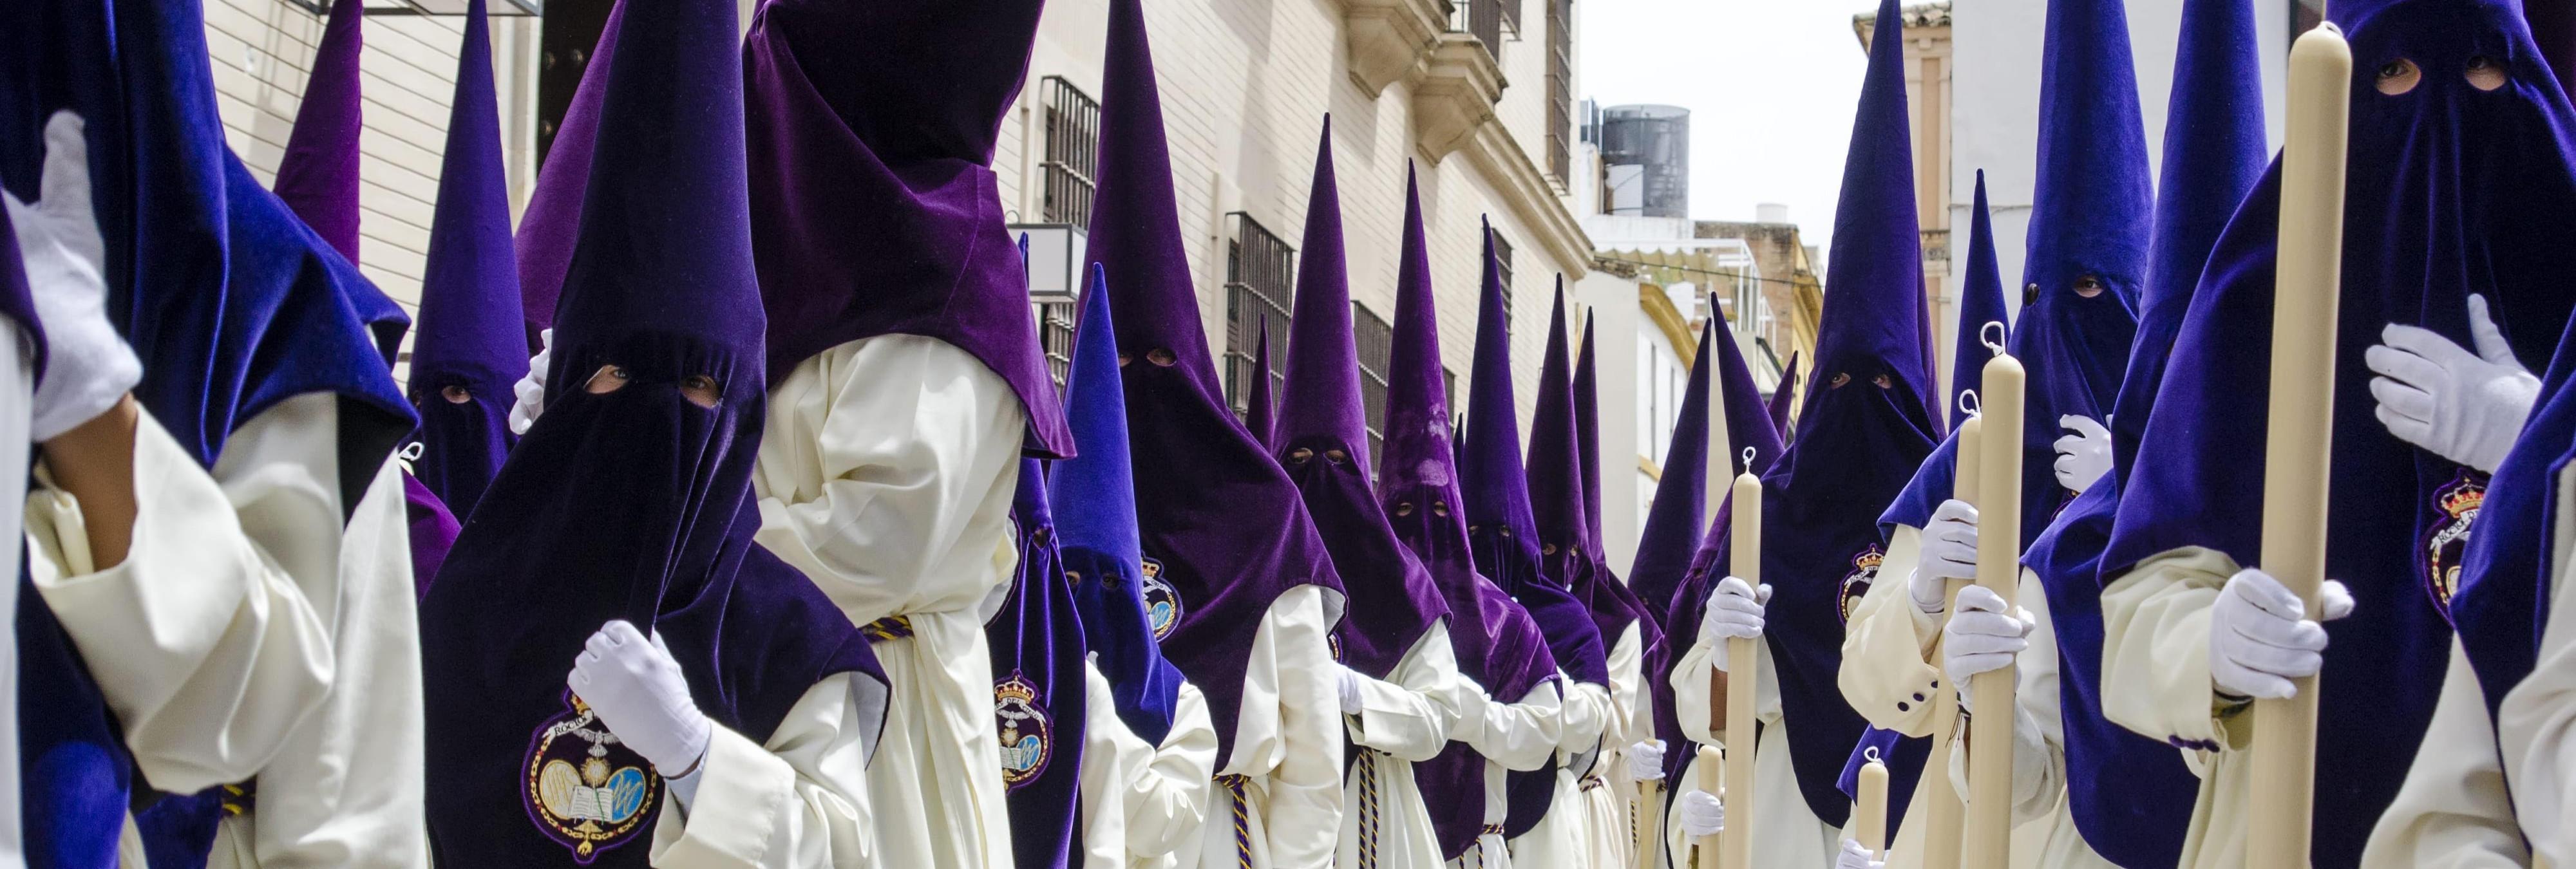 9 razones para odiar la Semana Santa